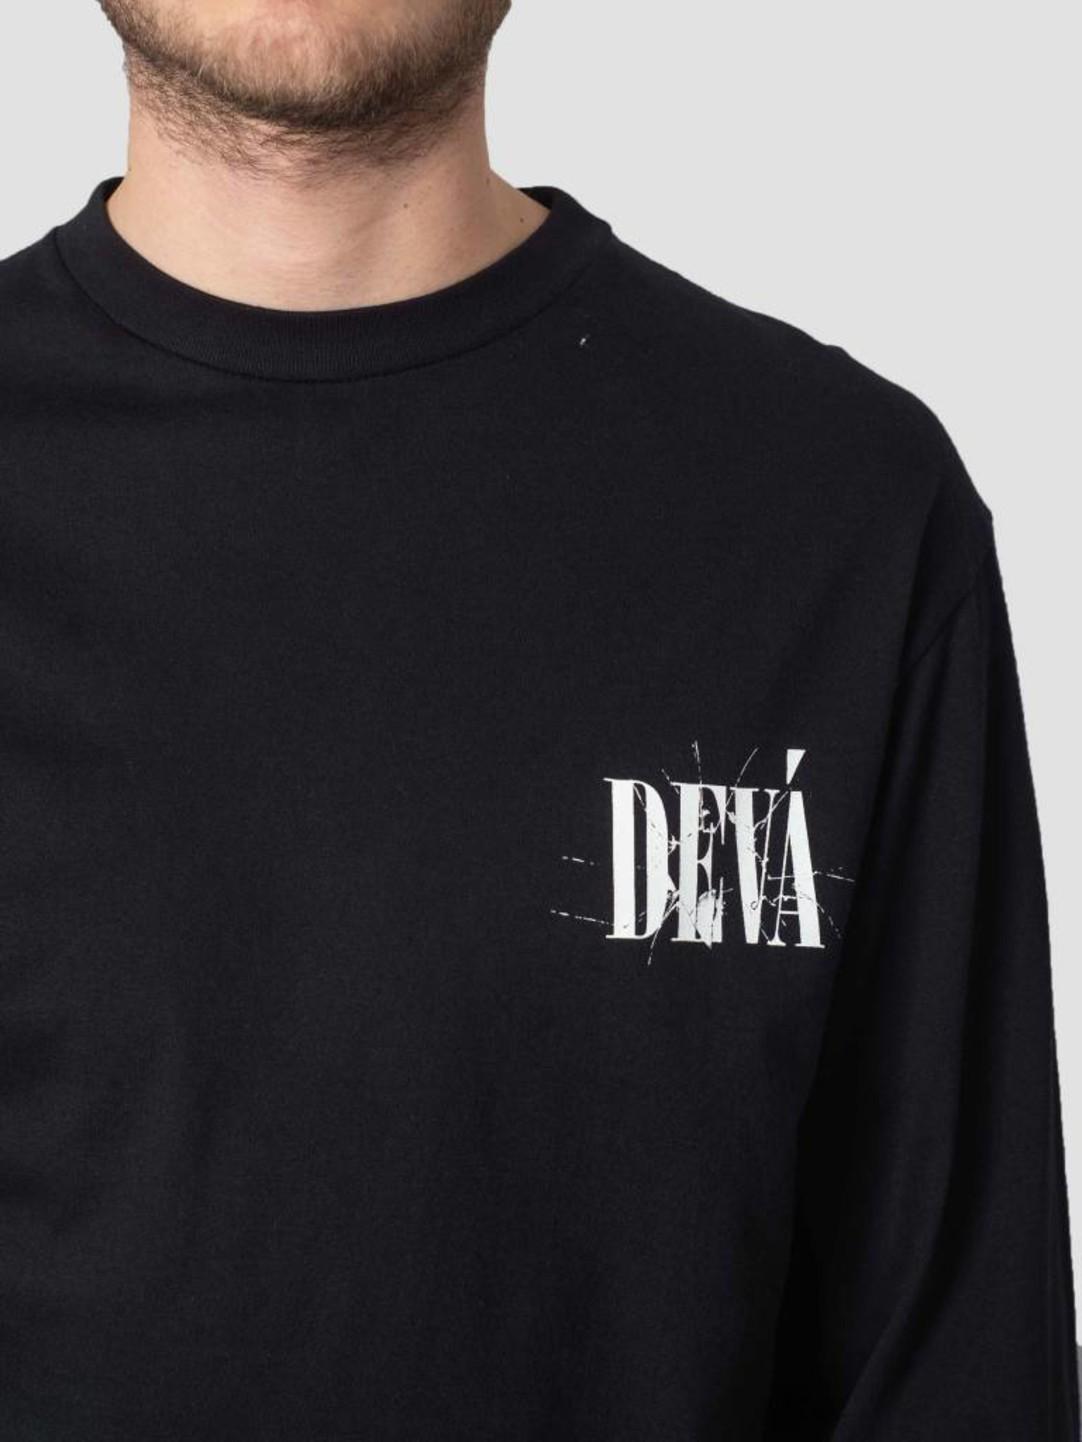 DEVA DEVA Longsleeve Cracked Black